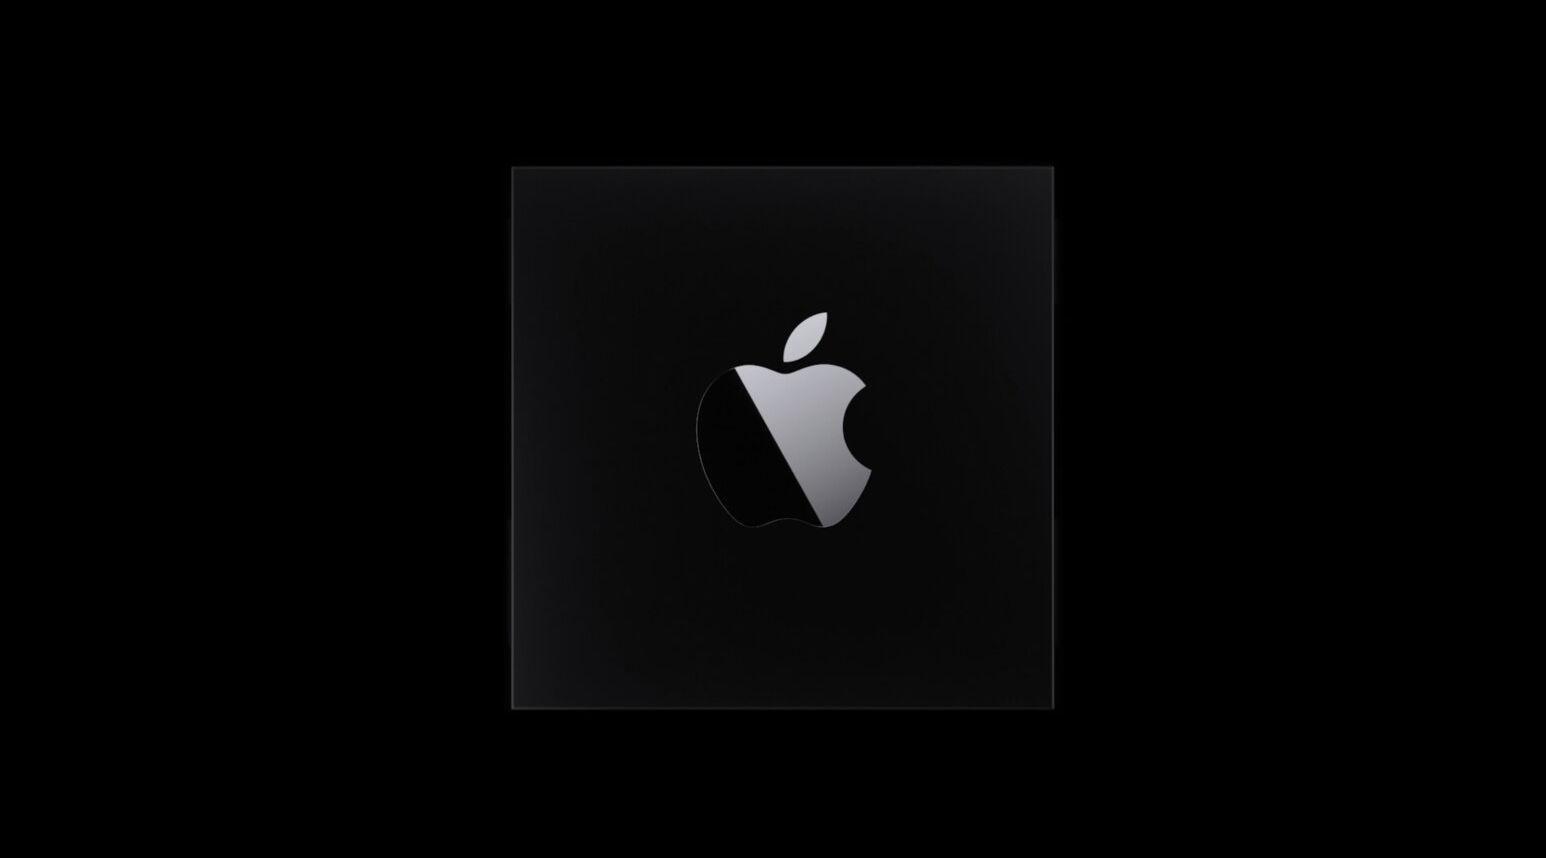 Dopo Intel anche Apple accusata di violazione di brevetto